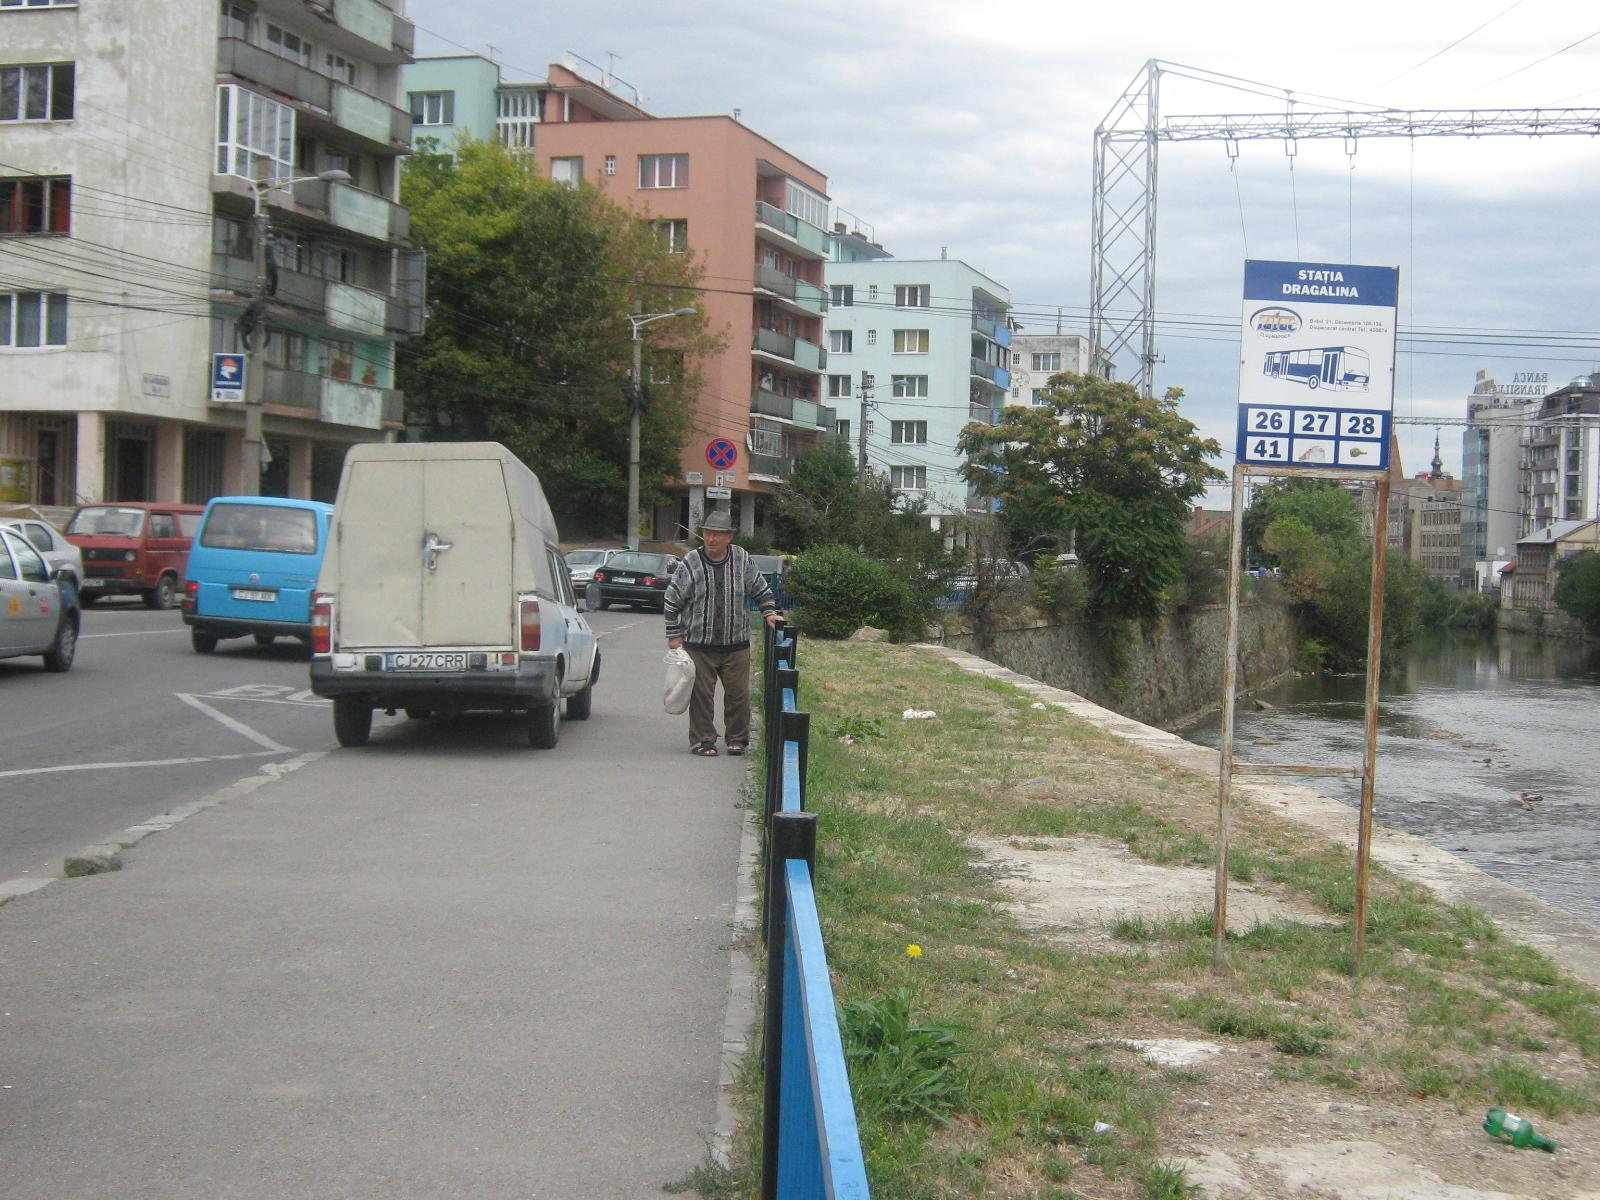 Loc de parcare pe trotuarul din staţia de autobuz de pe Drăgălina!